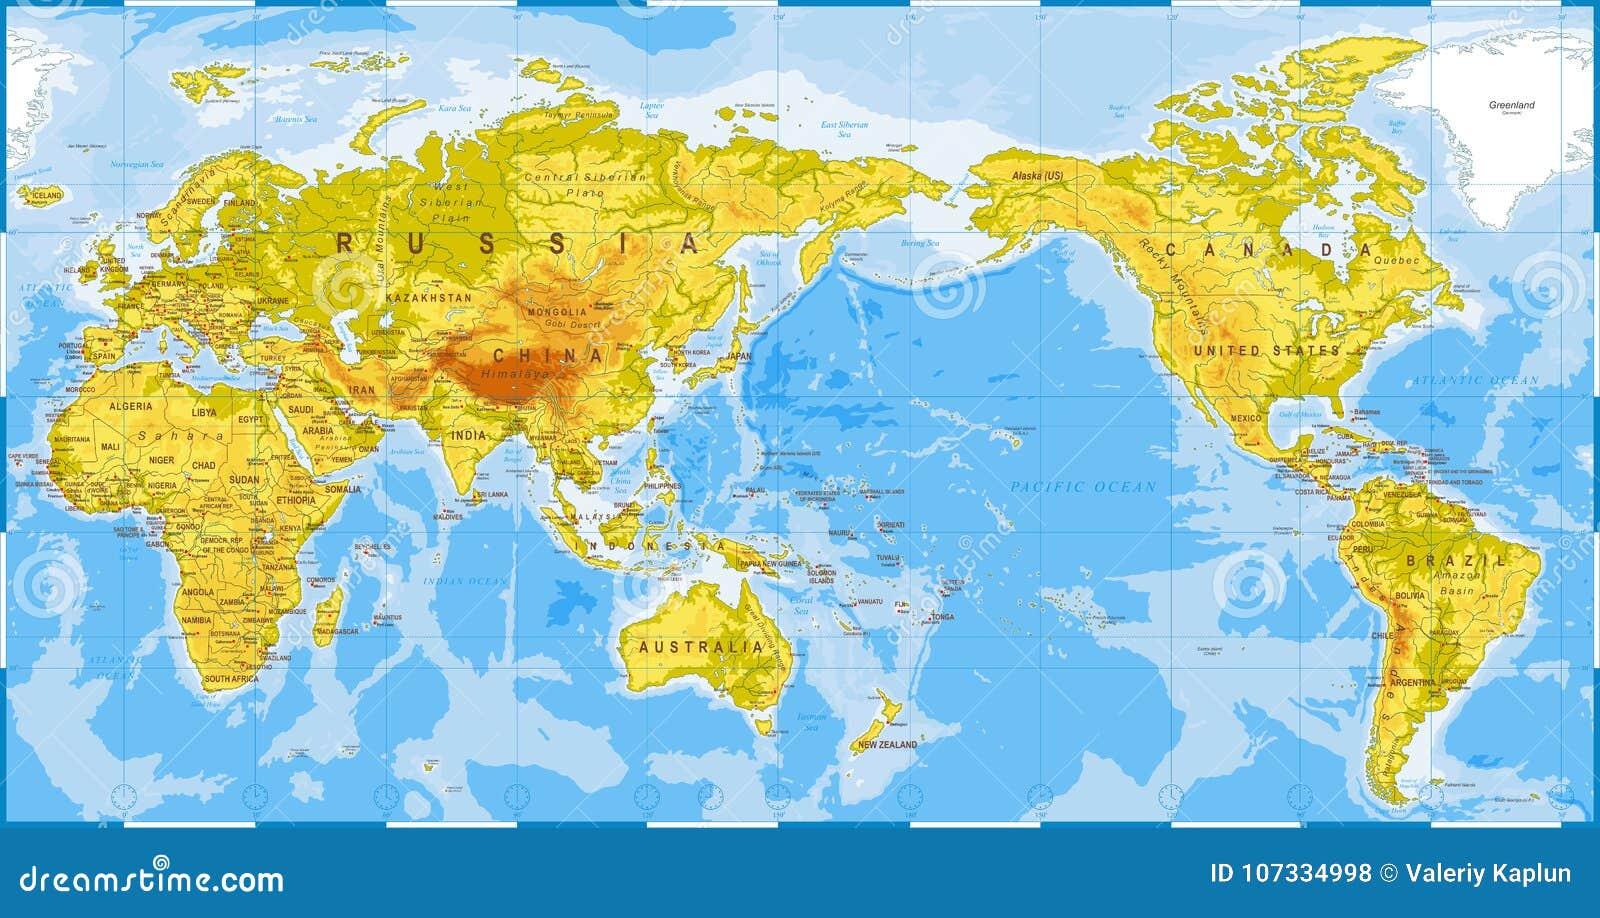 Carte Du Monde Chine Japon.Examen Medical De Carte Du Monde Asie Au Centre La Chine